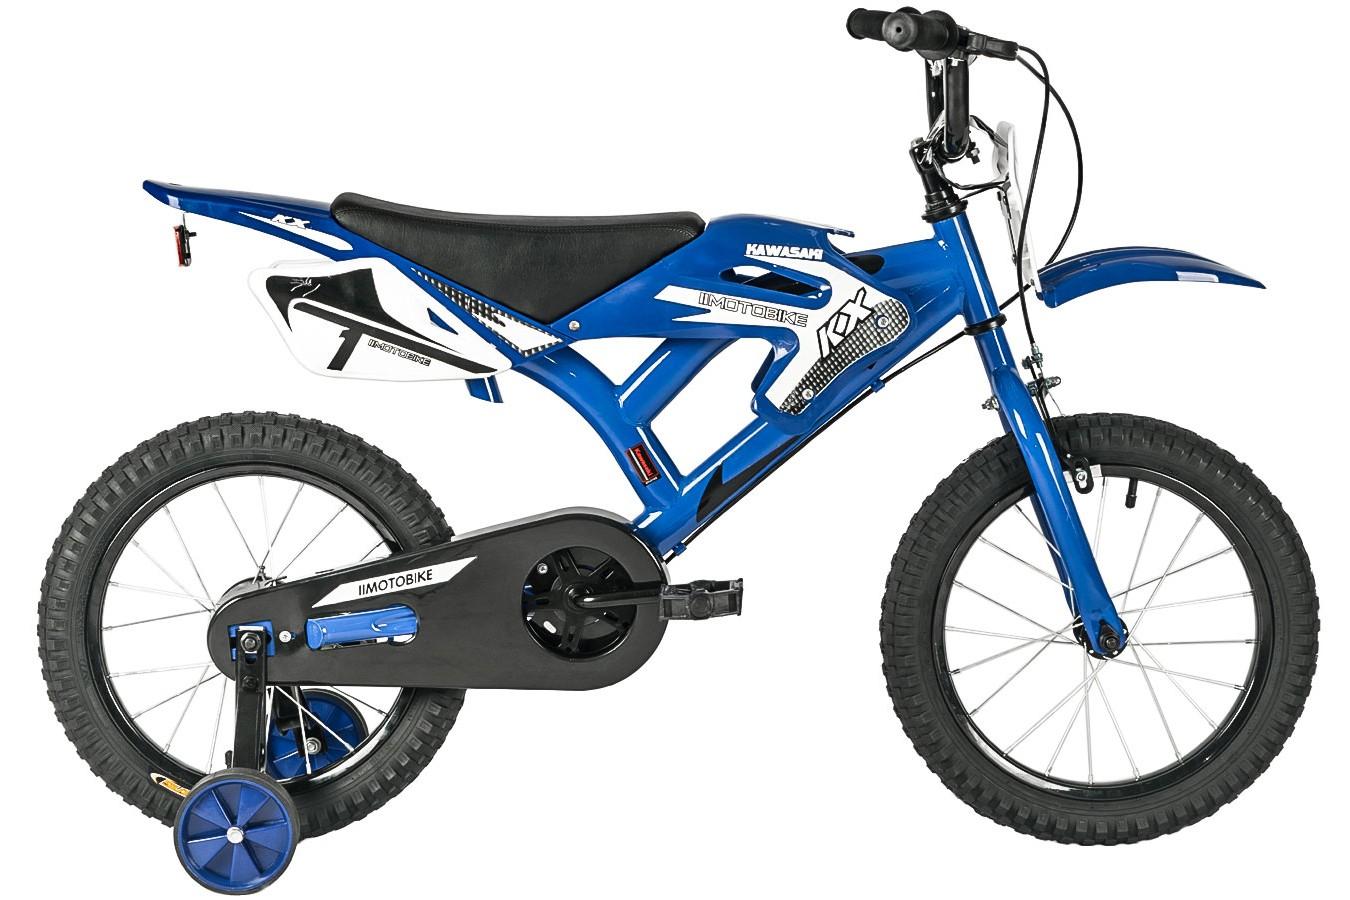 Bicicleta aro 16 KX Azul/Preta moto bike - Kawasaki